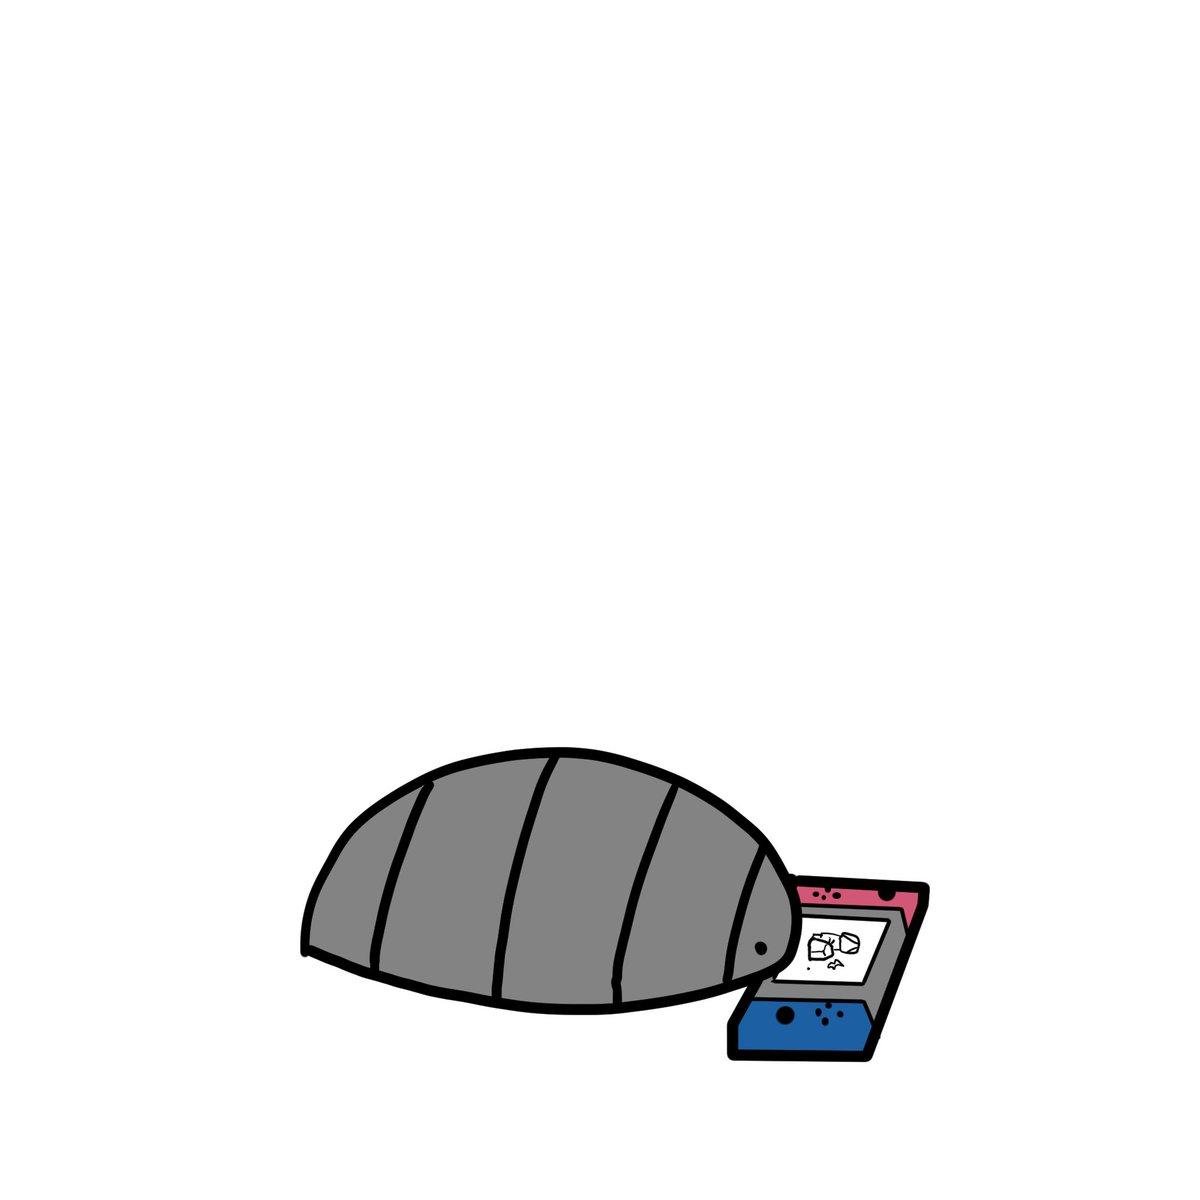 ゲームの岩を叩いたら飛び出したダンゴムシを見守るダンゴムシ。